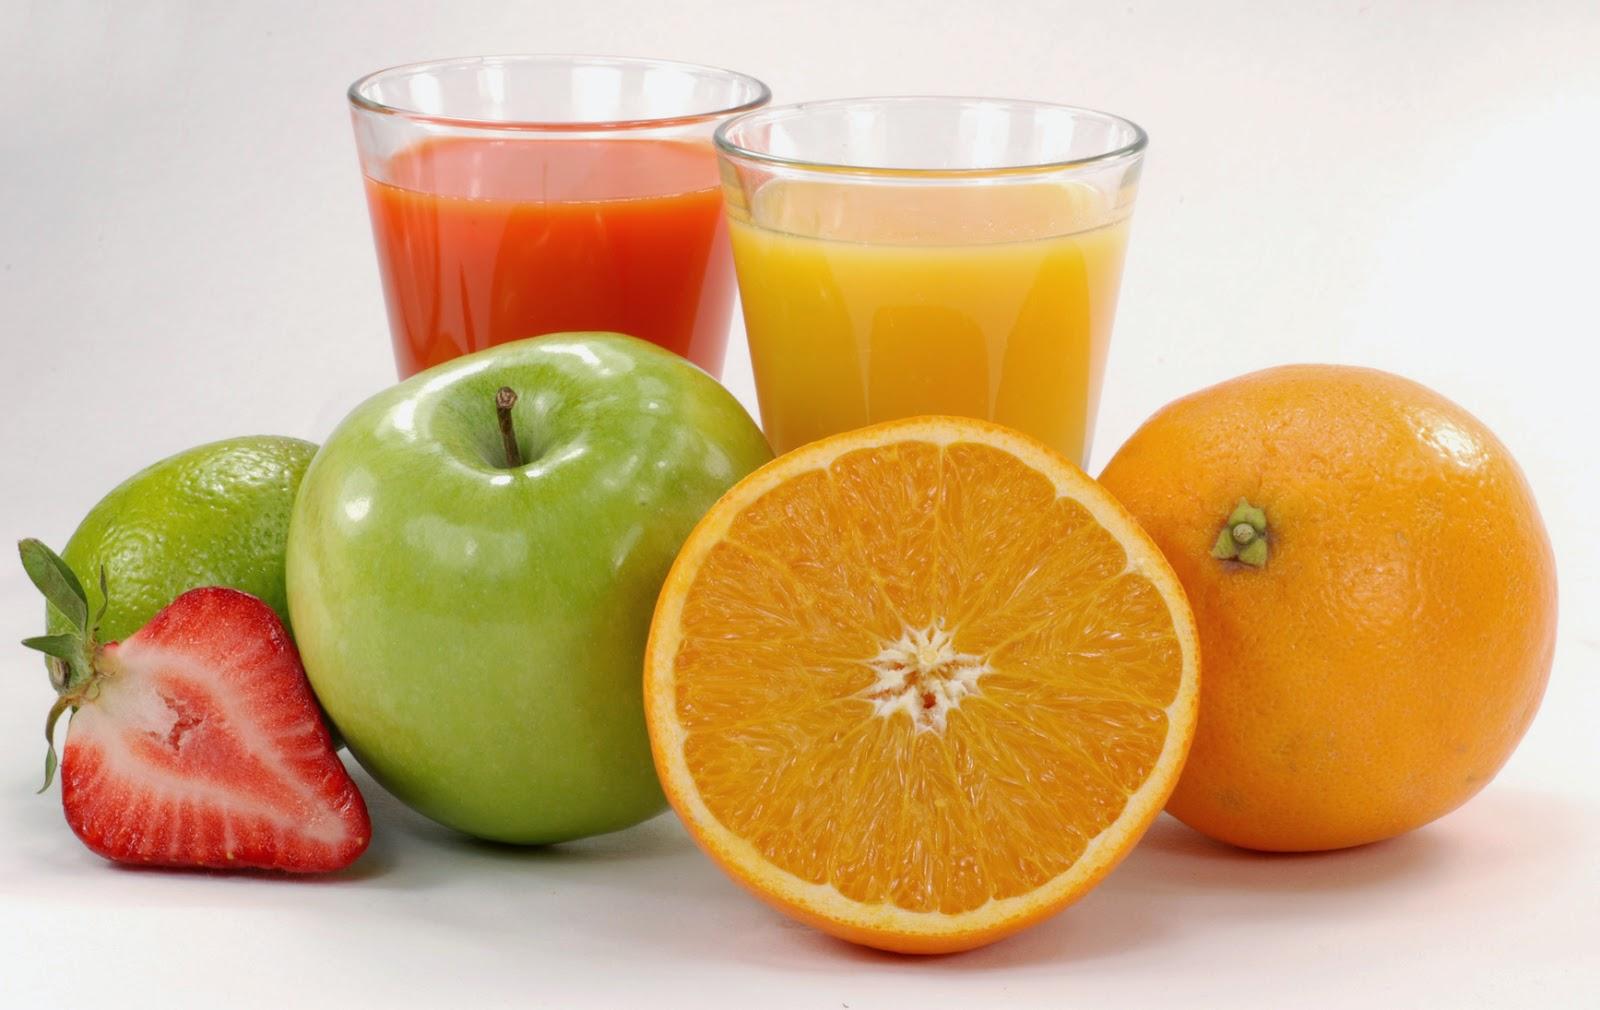 İftar ve Sahurda neler içilmeli?